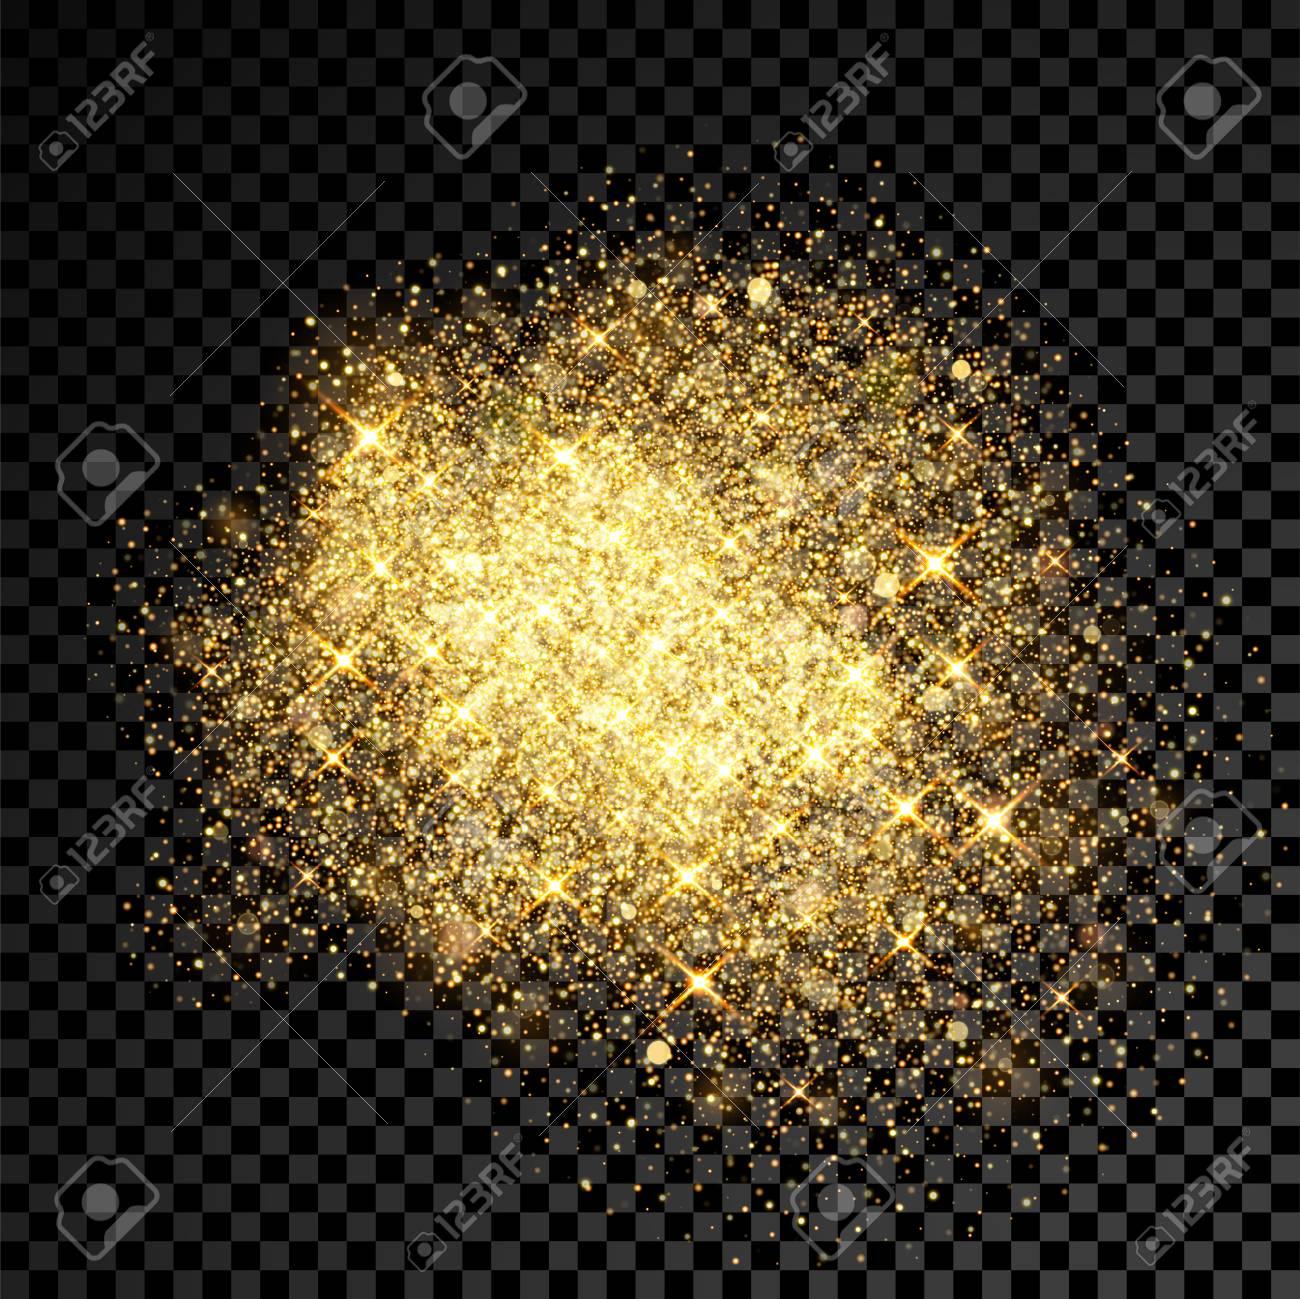 Gold Glitter Splatter Of Golden Fireworks And Shining Star 1300x1299